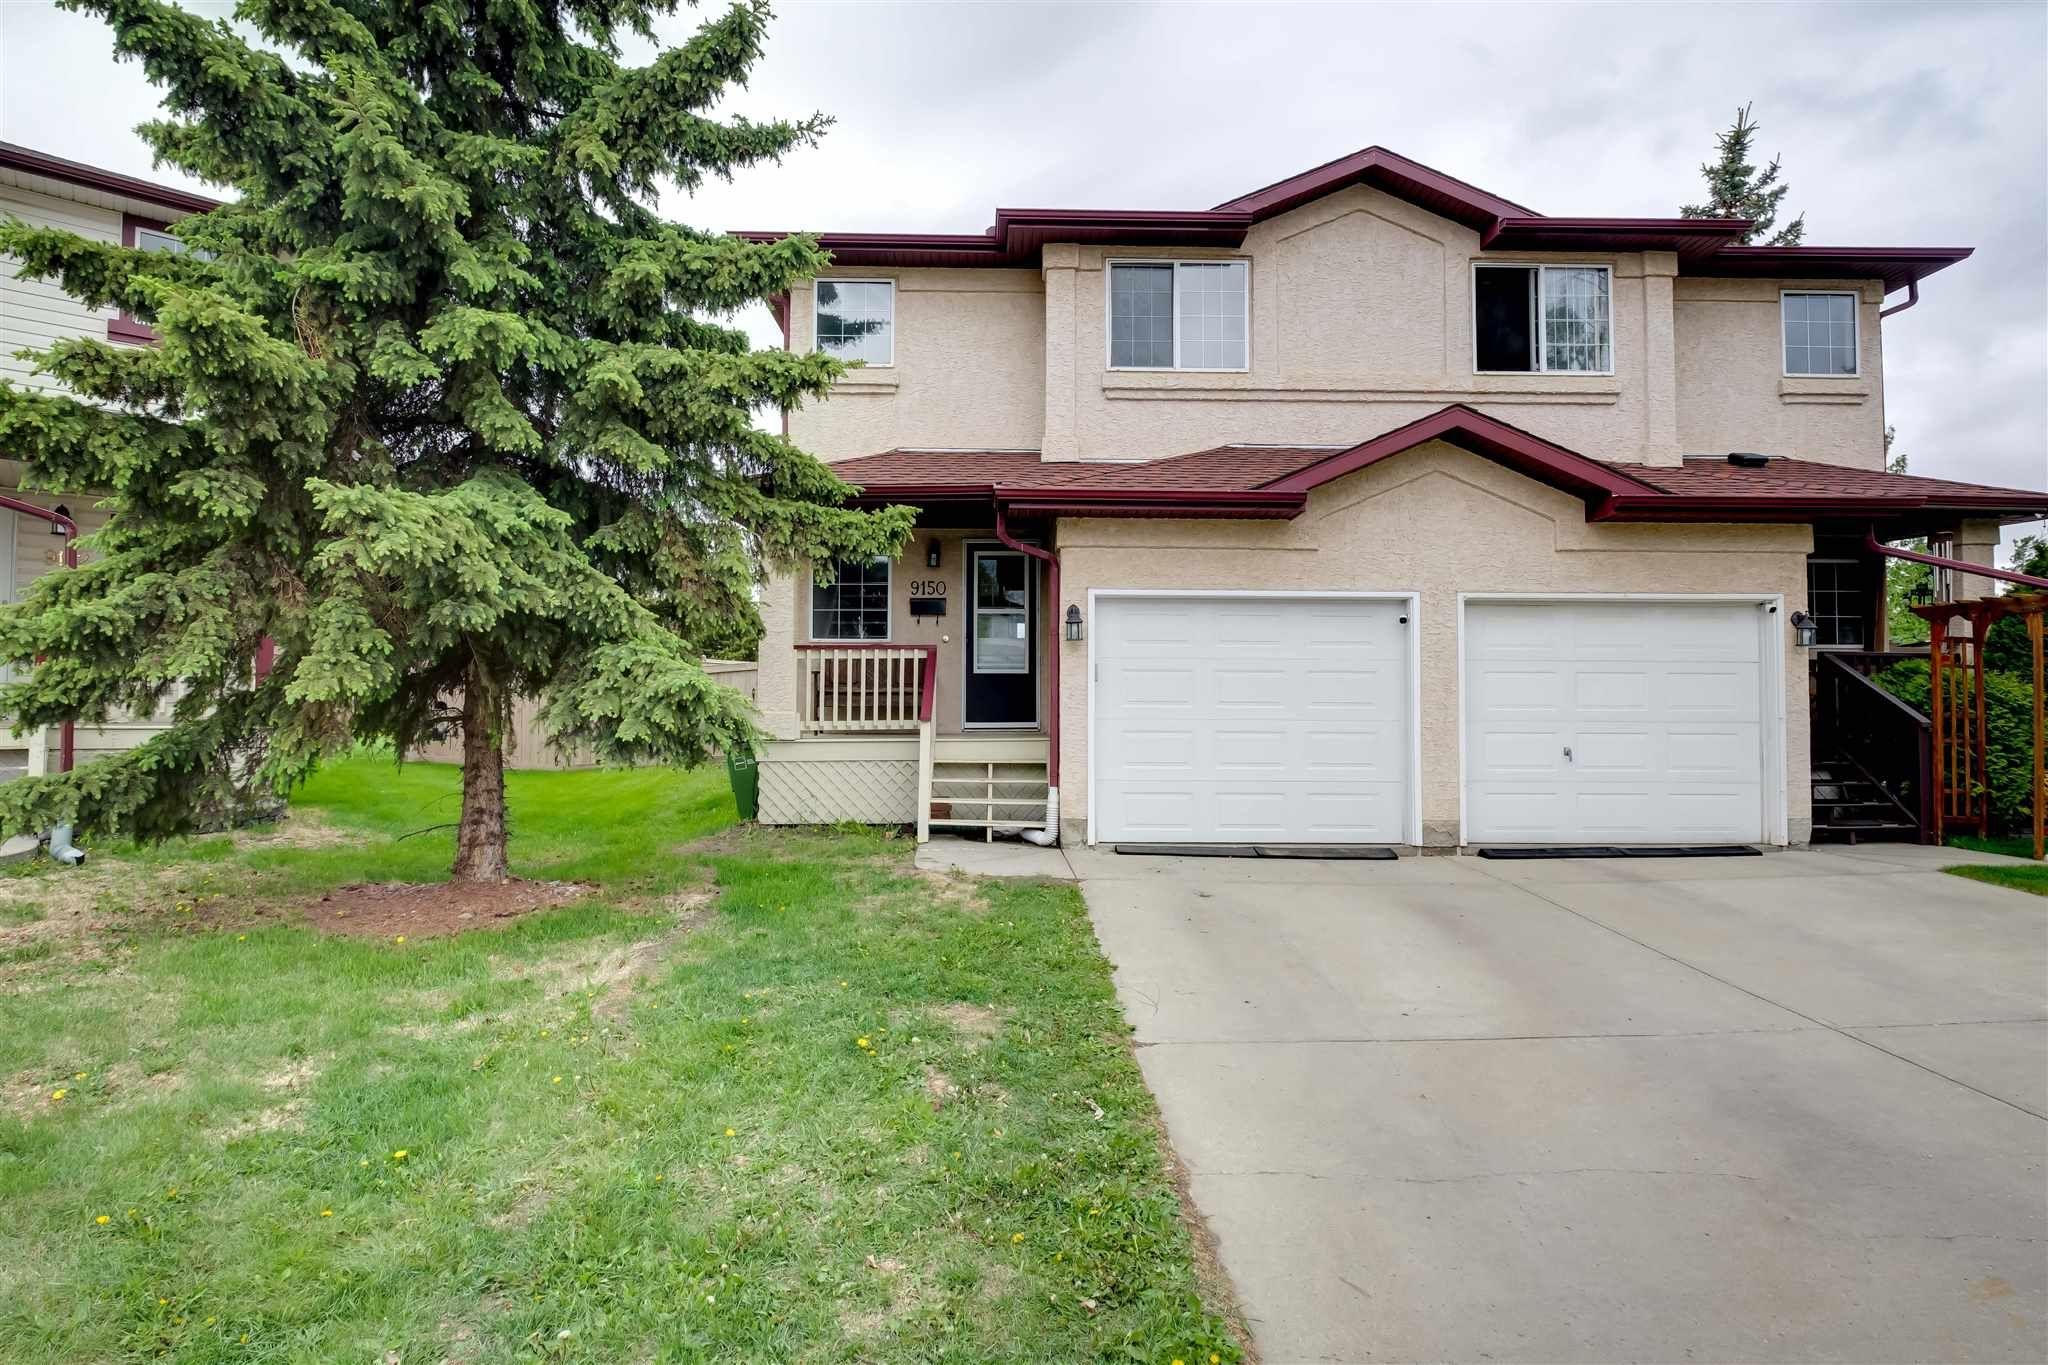 Main Photo: 9150 166 Avenue in Edmonton: Zone 28 House Half Duplex for sale : MLS®# E4246760